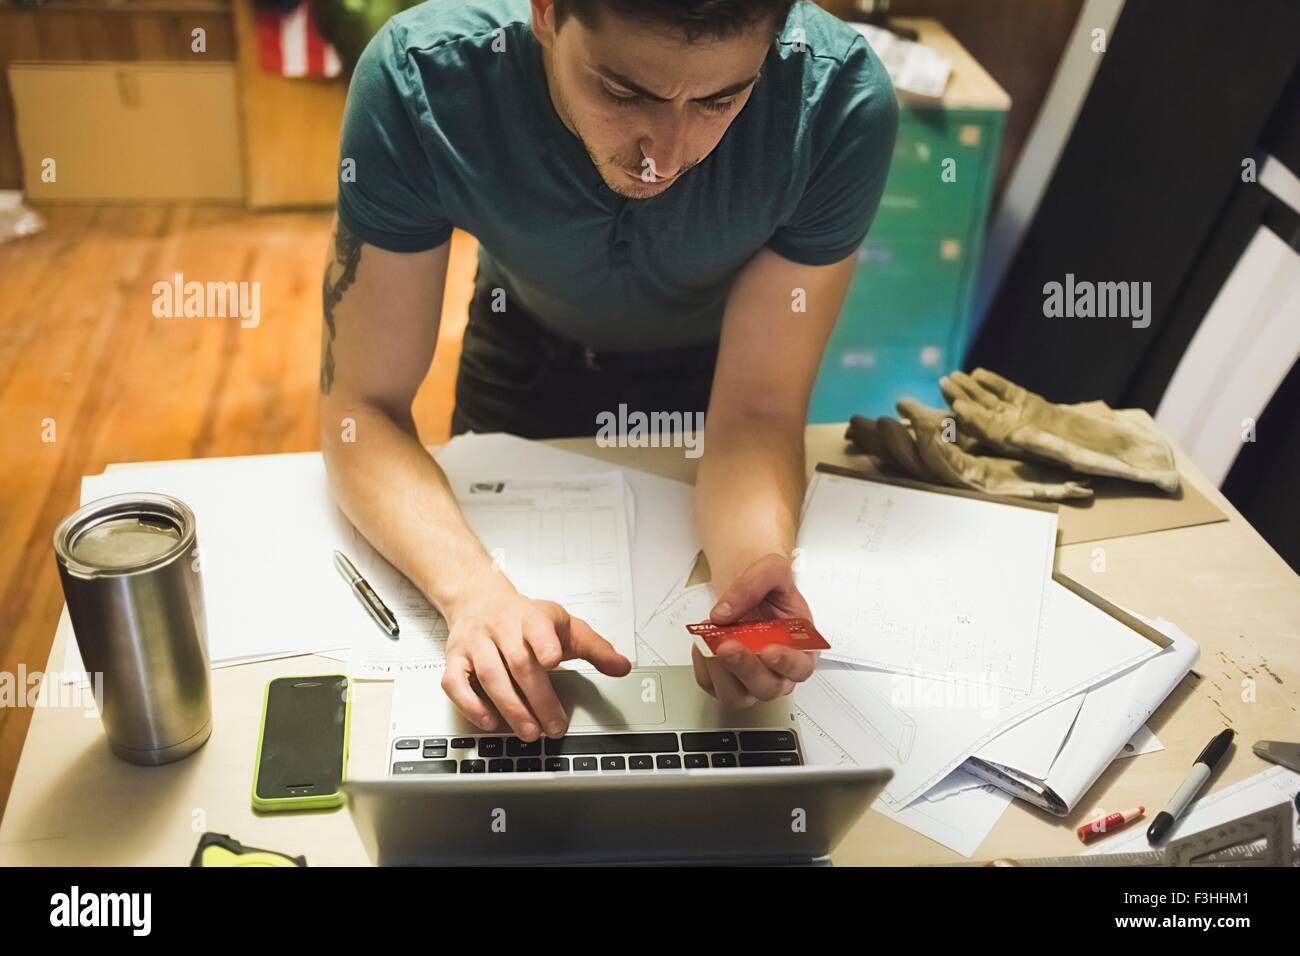 Portrait de jeune homme à l'aide de carte de crédit et d'ordinateur portable pour faire des achats Photo Stock